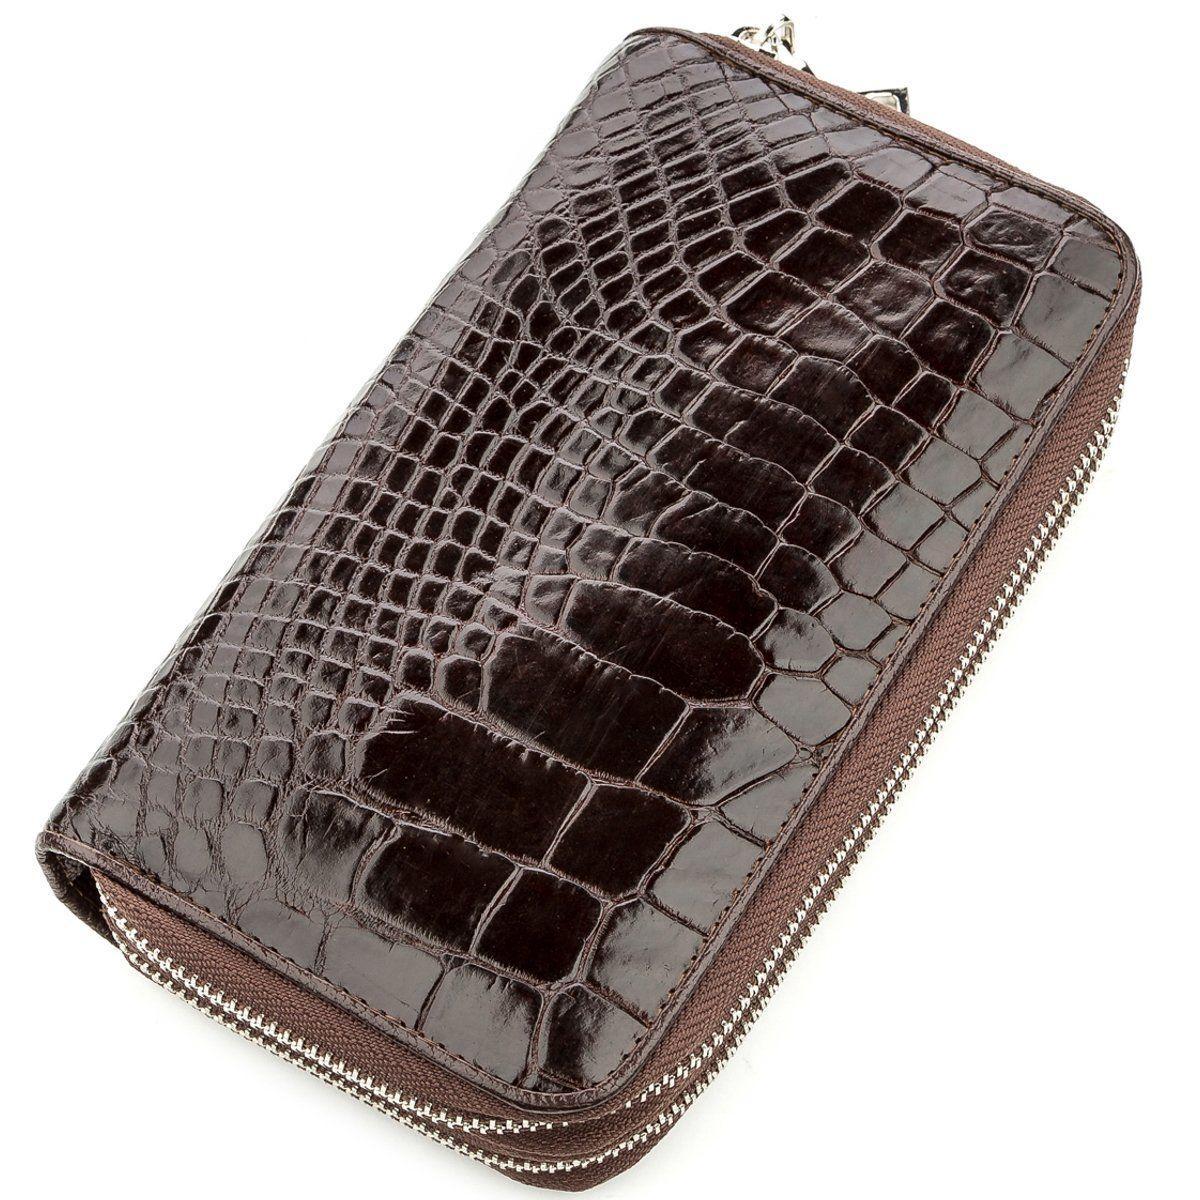 Клатч мужской Ekzotic Leather из натуральной кожи крокодила Коричневый (cb 26)